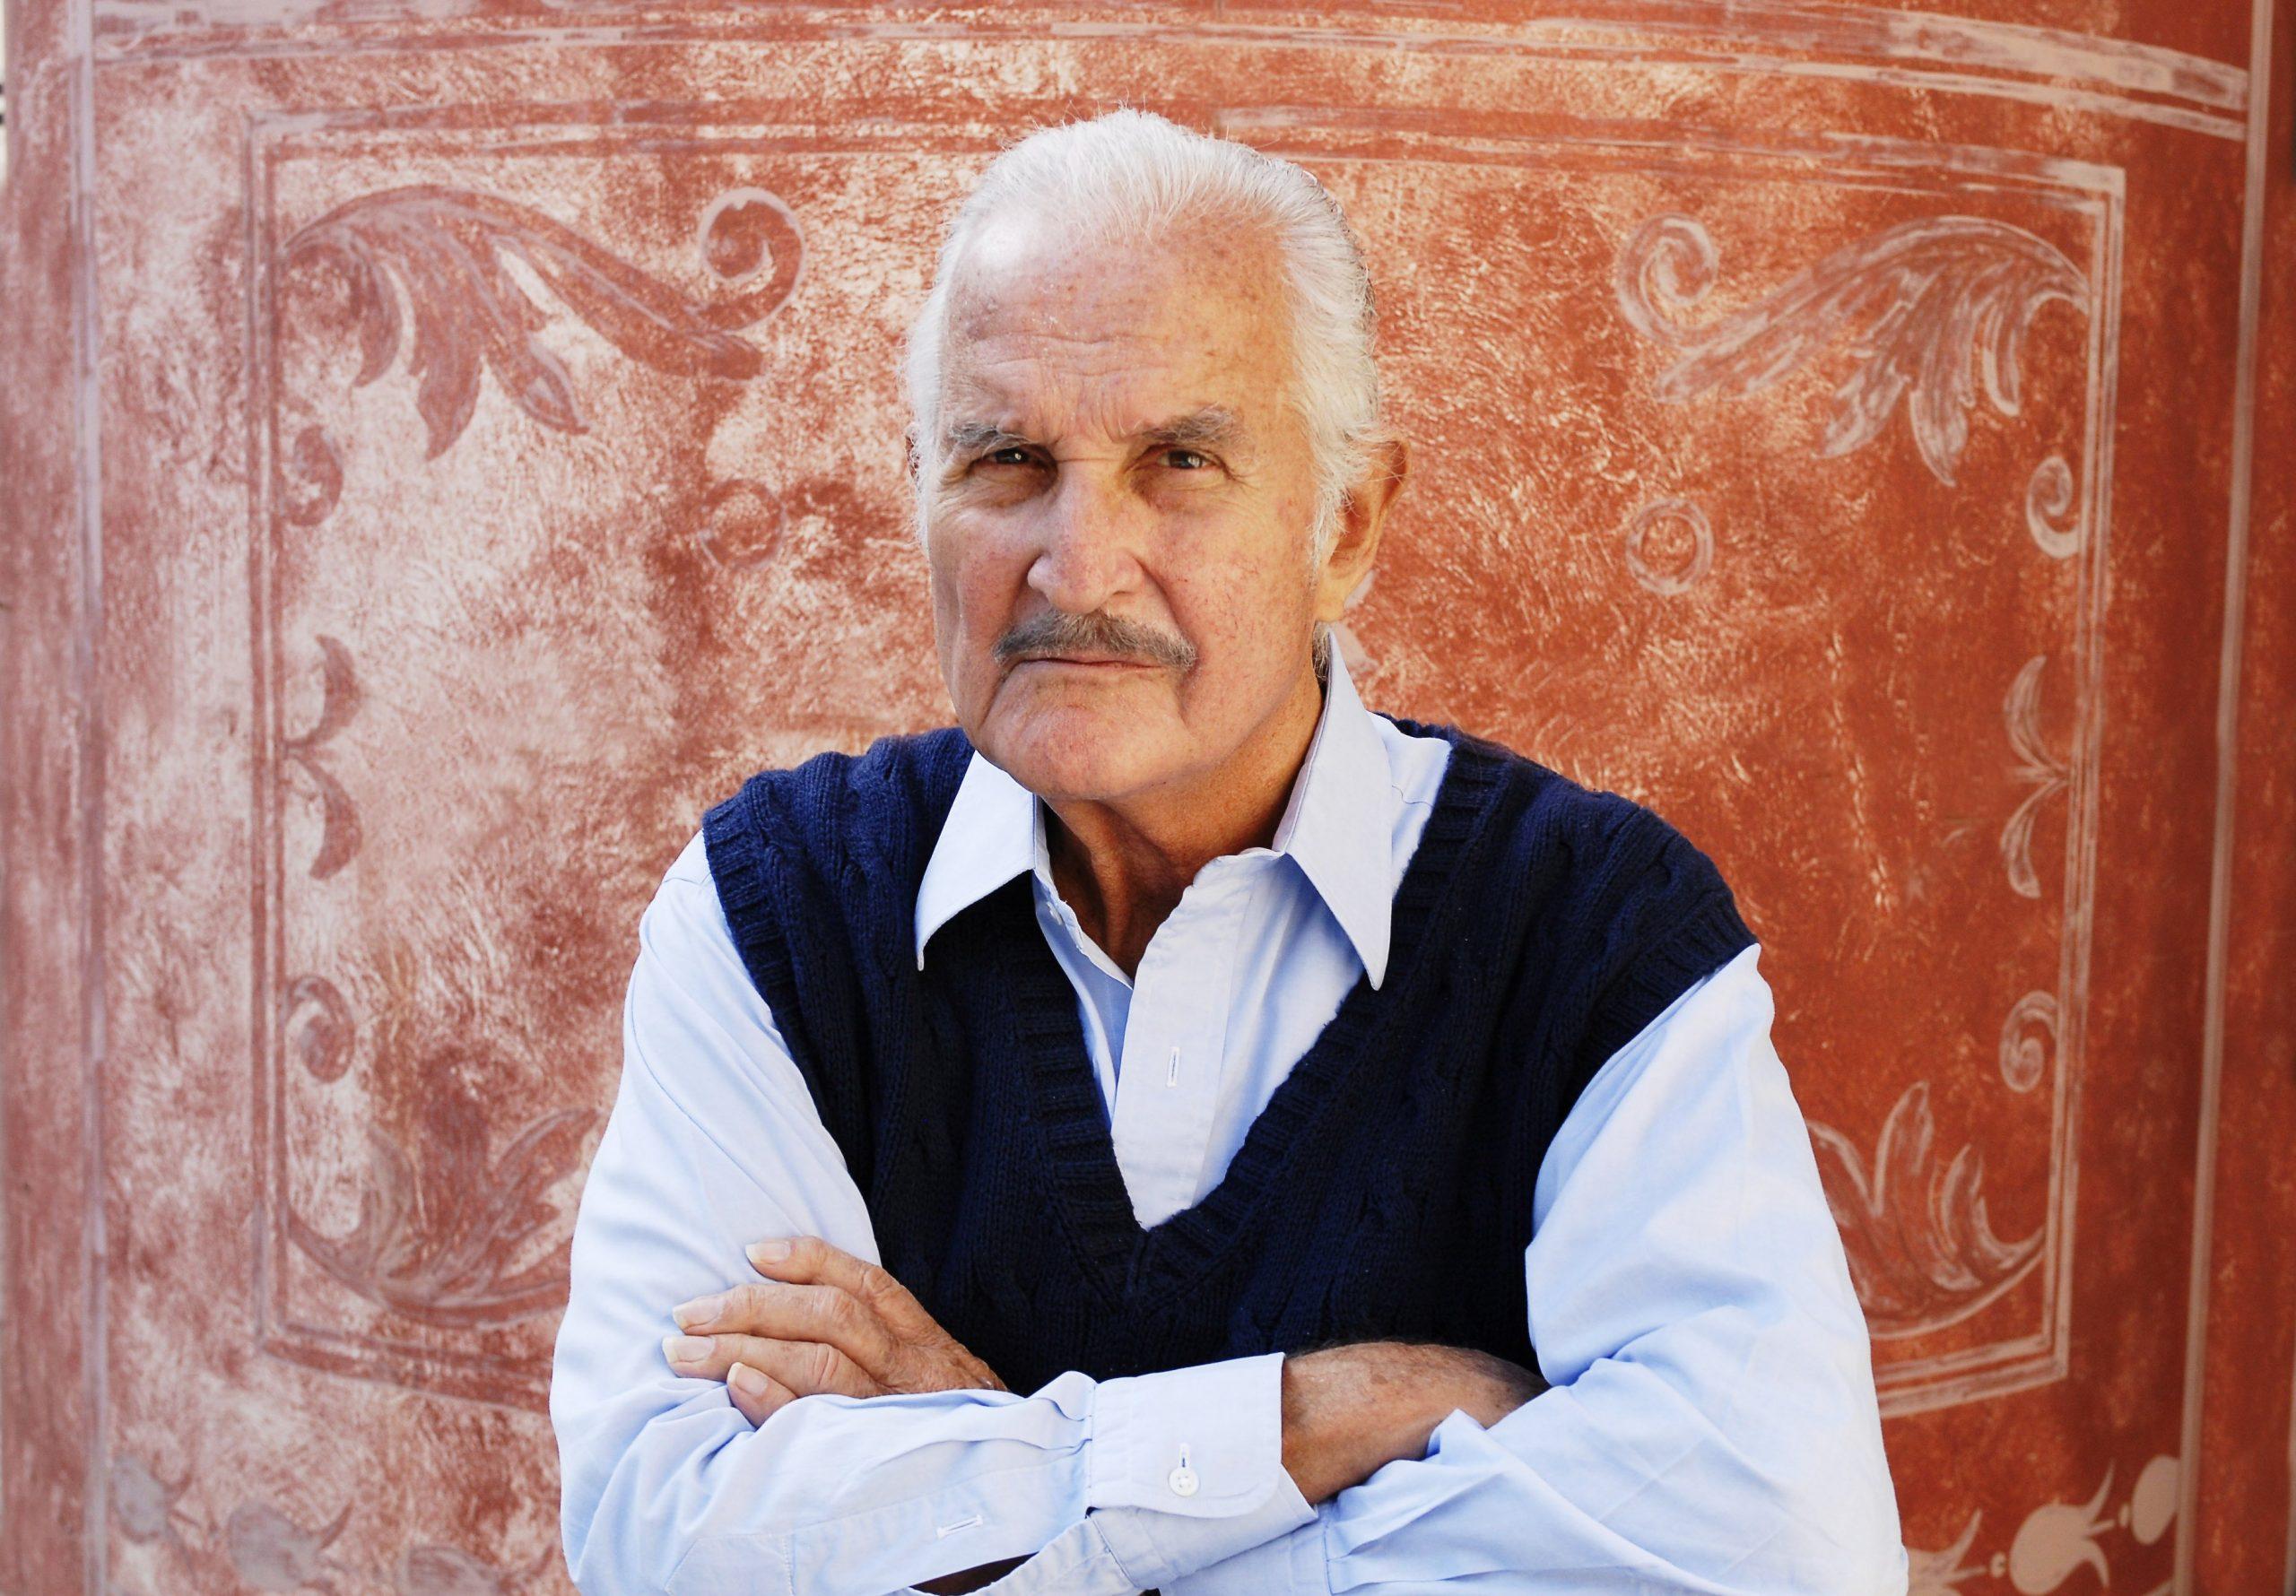 Carlos Fuentes y las buenas conciencias. Comentario de Luis Rivera Pagán